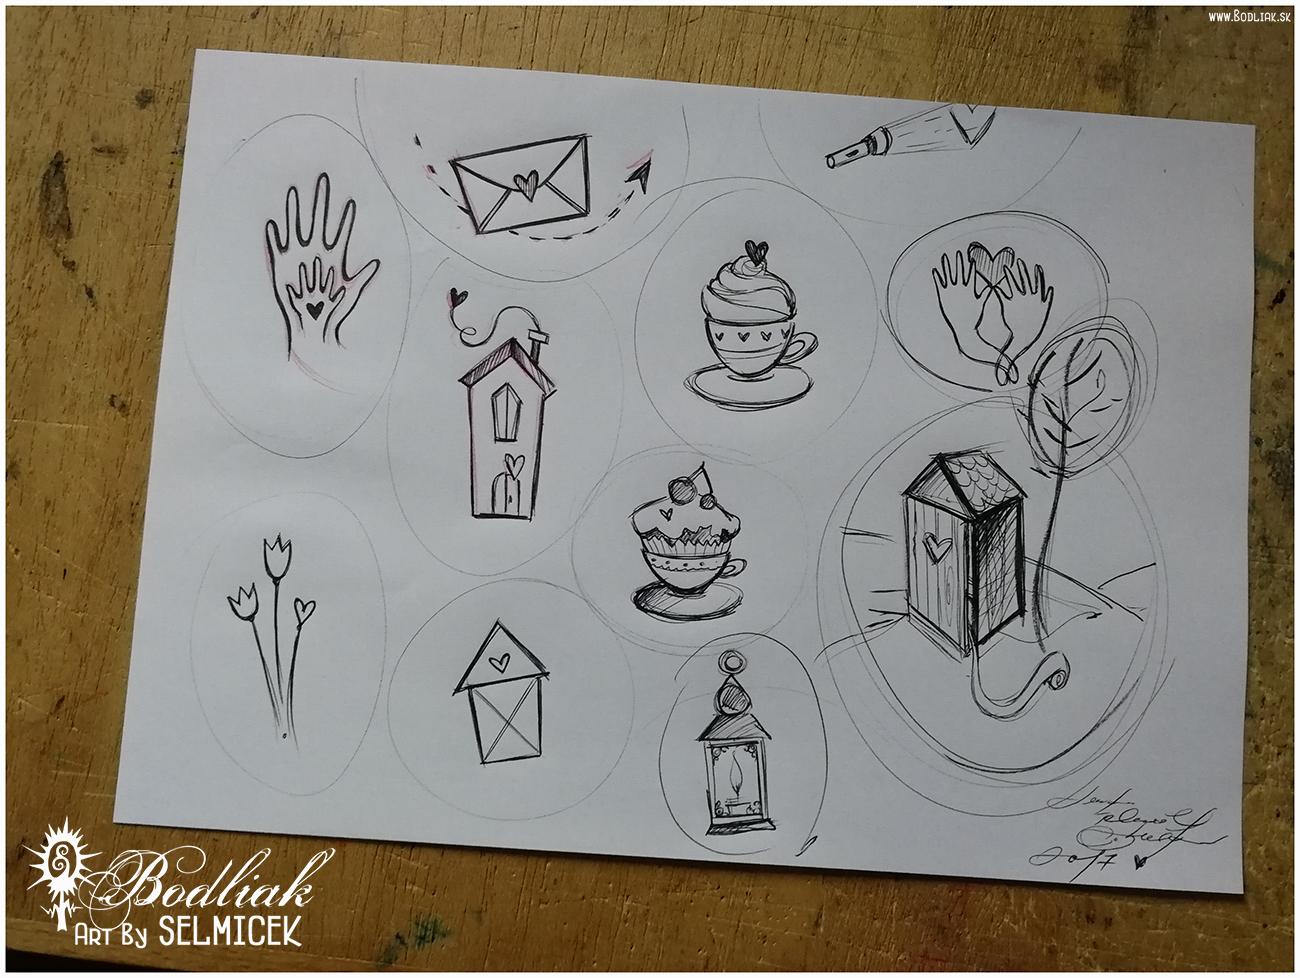 Roztomilé mini tetovaníčka na spríjemnenie každého dňa   autor: Selmicek   rúčka v ruke  - 5cm x 3cm ...  obáločka  - 3,5cm x 6,5cm ...  domček s komínom  - 6,5cm x 3cm ...  tulipániky a  ♥ - 5,5cm x 2,5cm ...  domček  - 4cm x 2,5cm ...  šáločka srdiečkova  - 4,5cm x 3,5cm ...  šáločka s mafinom  - 4,5cm x 3cm ...  lampášik  - 5cm x 2cm ...  baterka  - 1,5cm x 4,5cm ...  ruky držiace  ♥ - 4cm x 3cm ...  záchodík  :D - samotný - 7,5cm x 4, 5 cm (zo stromcekom - 11cm x 6cm) ... Každé jedno tetovaníčko Vám Lenka Selmicek rada vytetuje a cena každého jednoho mini tetovaníčka je 40,- eur.